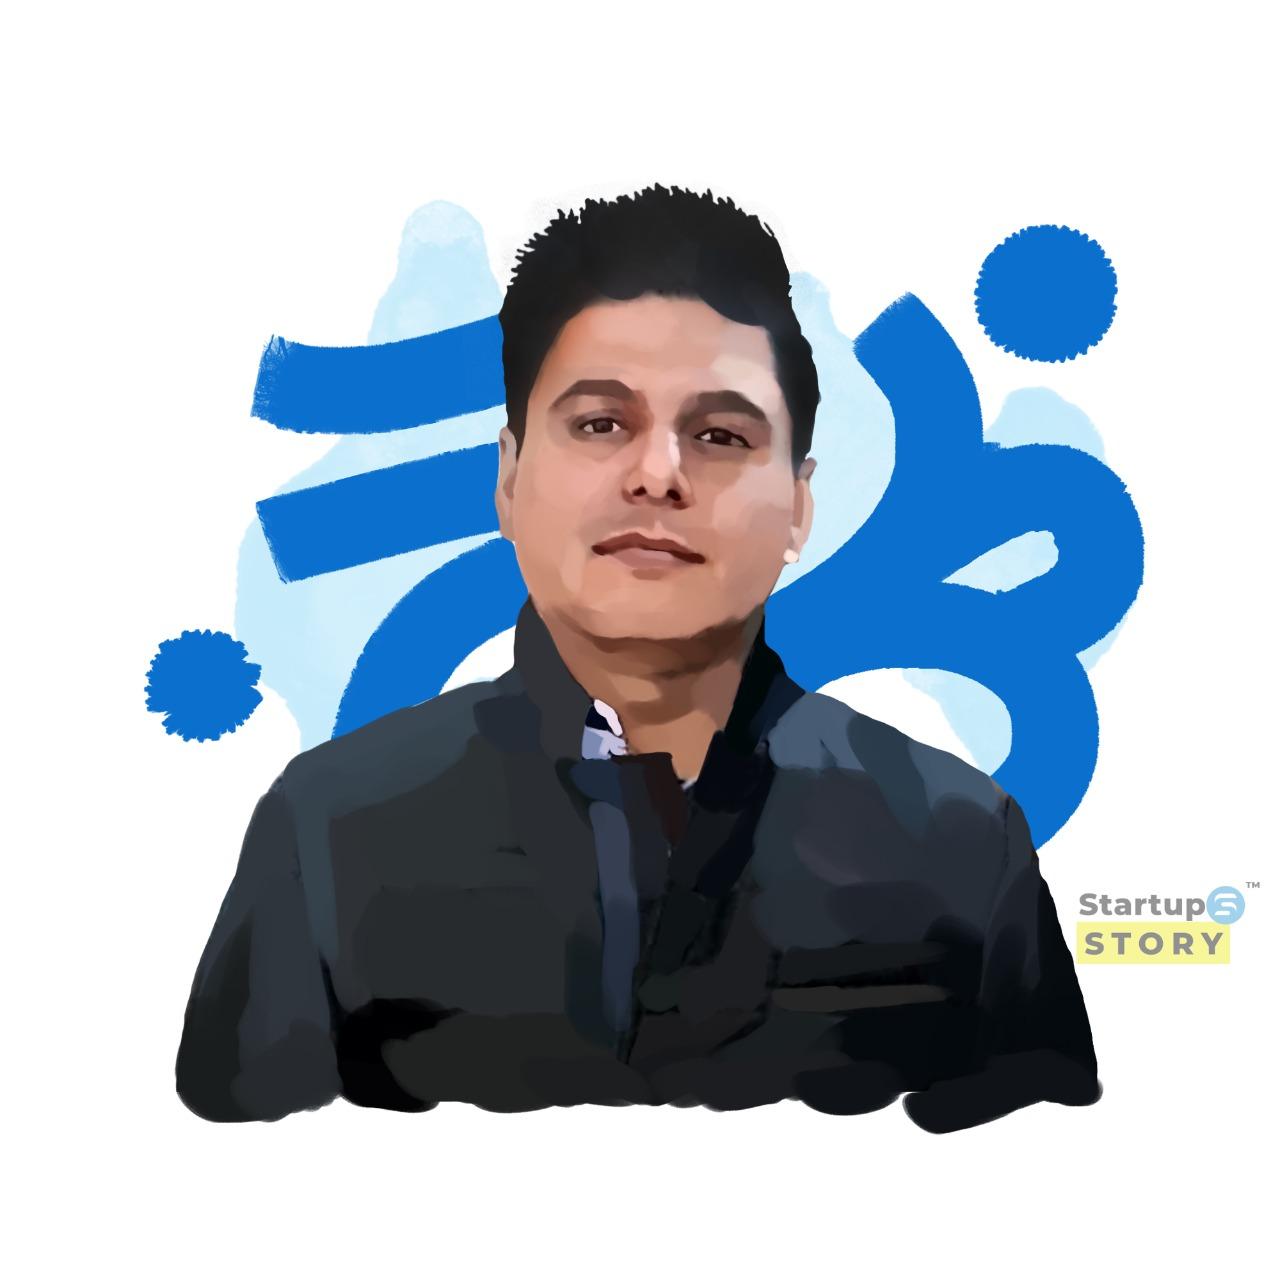 Nischay koushal Adeckko founder Startup story media